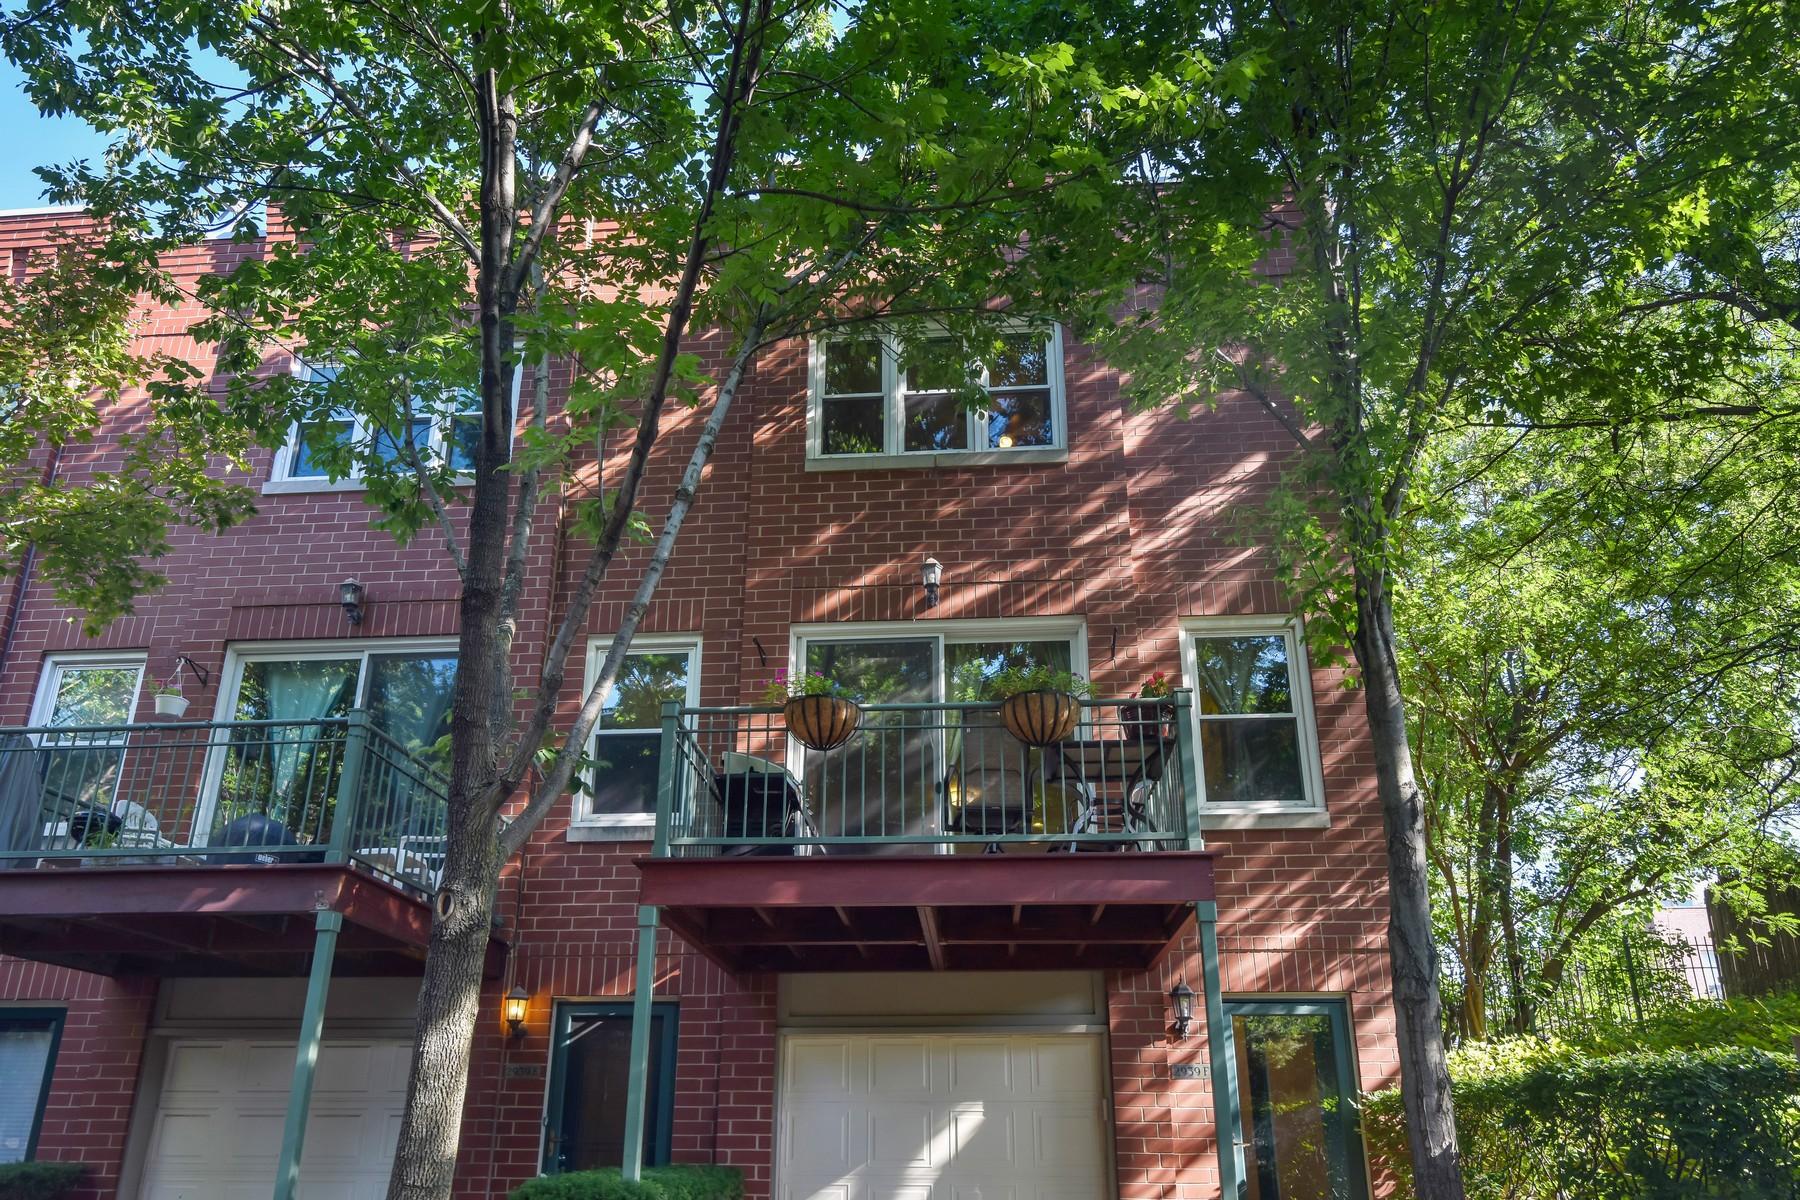 タウンハウス のために 売買 アット End-Unit Townhome! 2939 N Honore Street Unit F North Center, Chicago, イリノイ, 60657 アメリカ合衆国